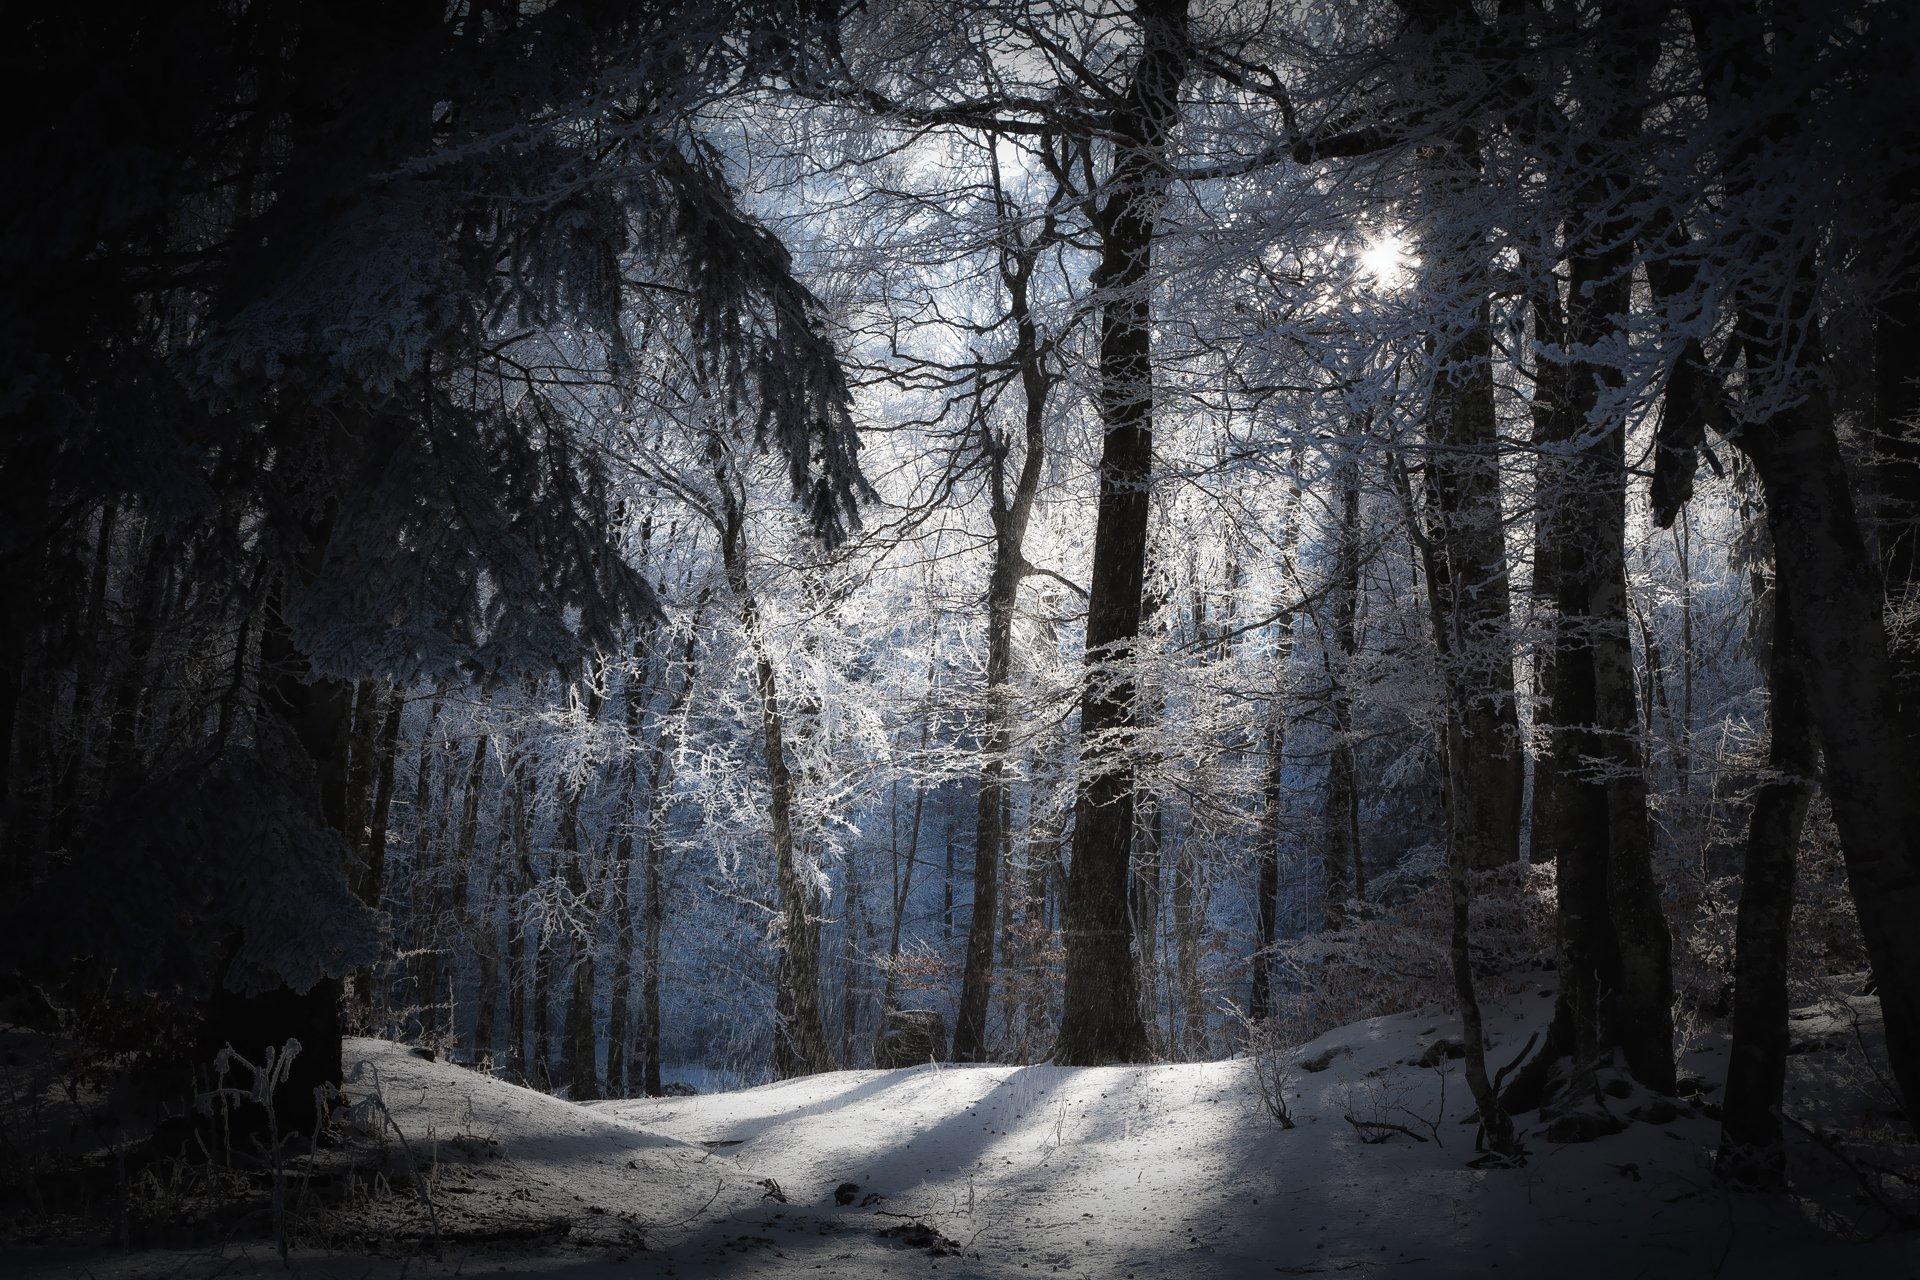 менее фото лес зима полночь крупными